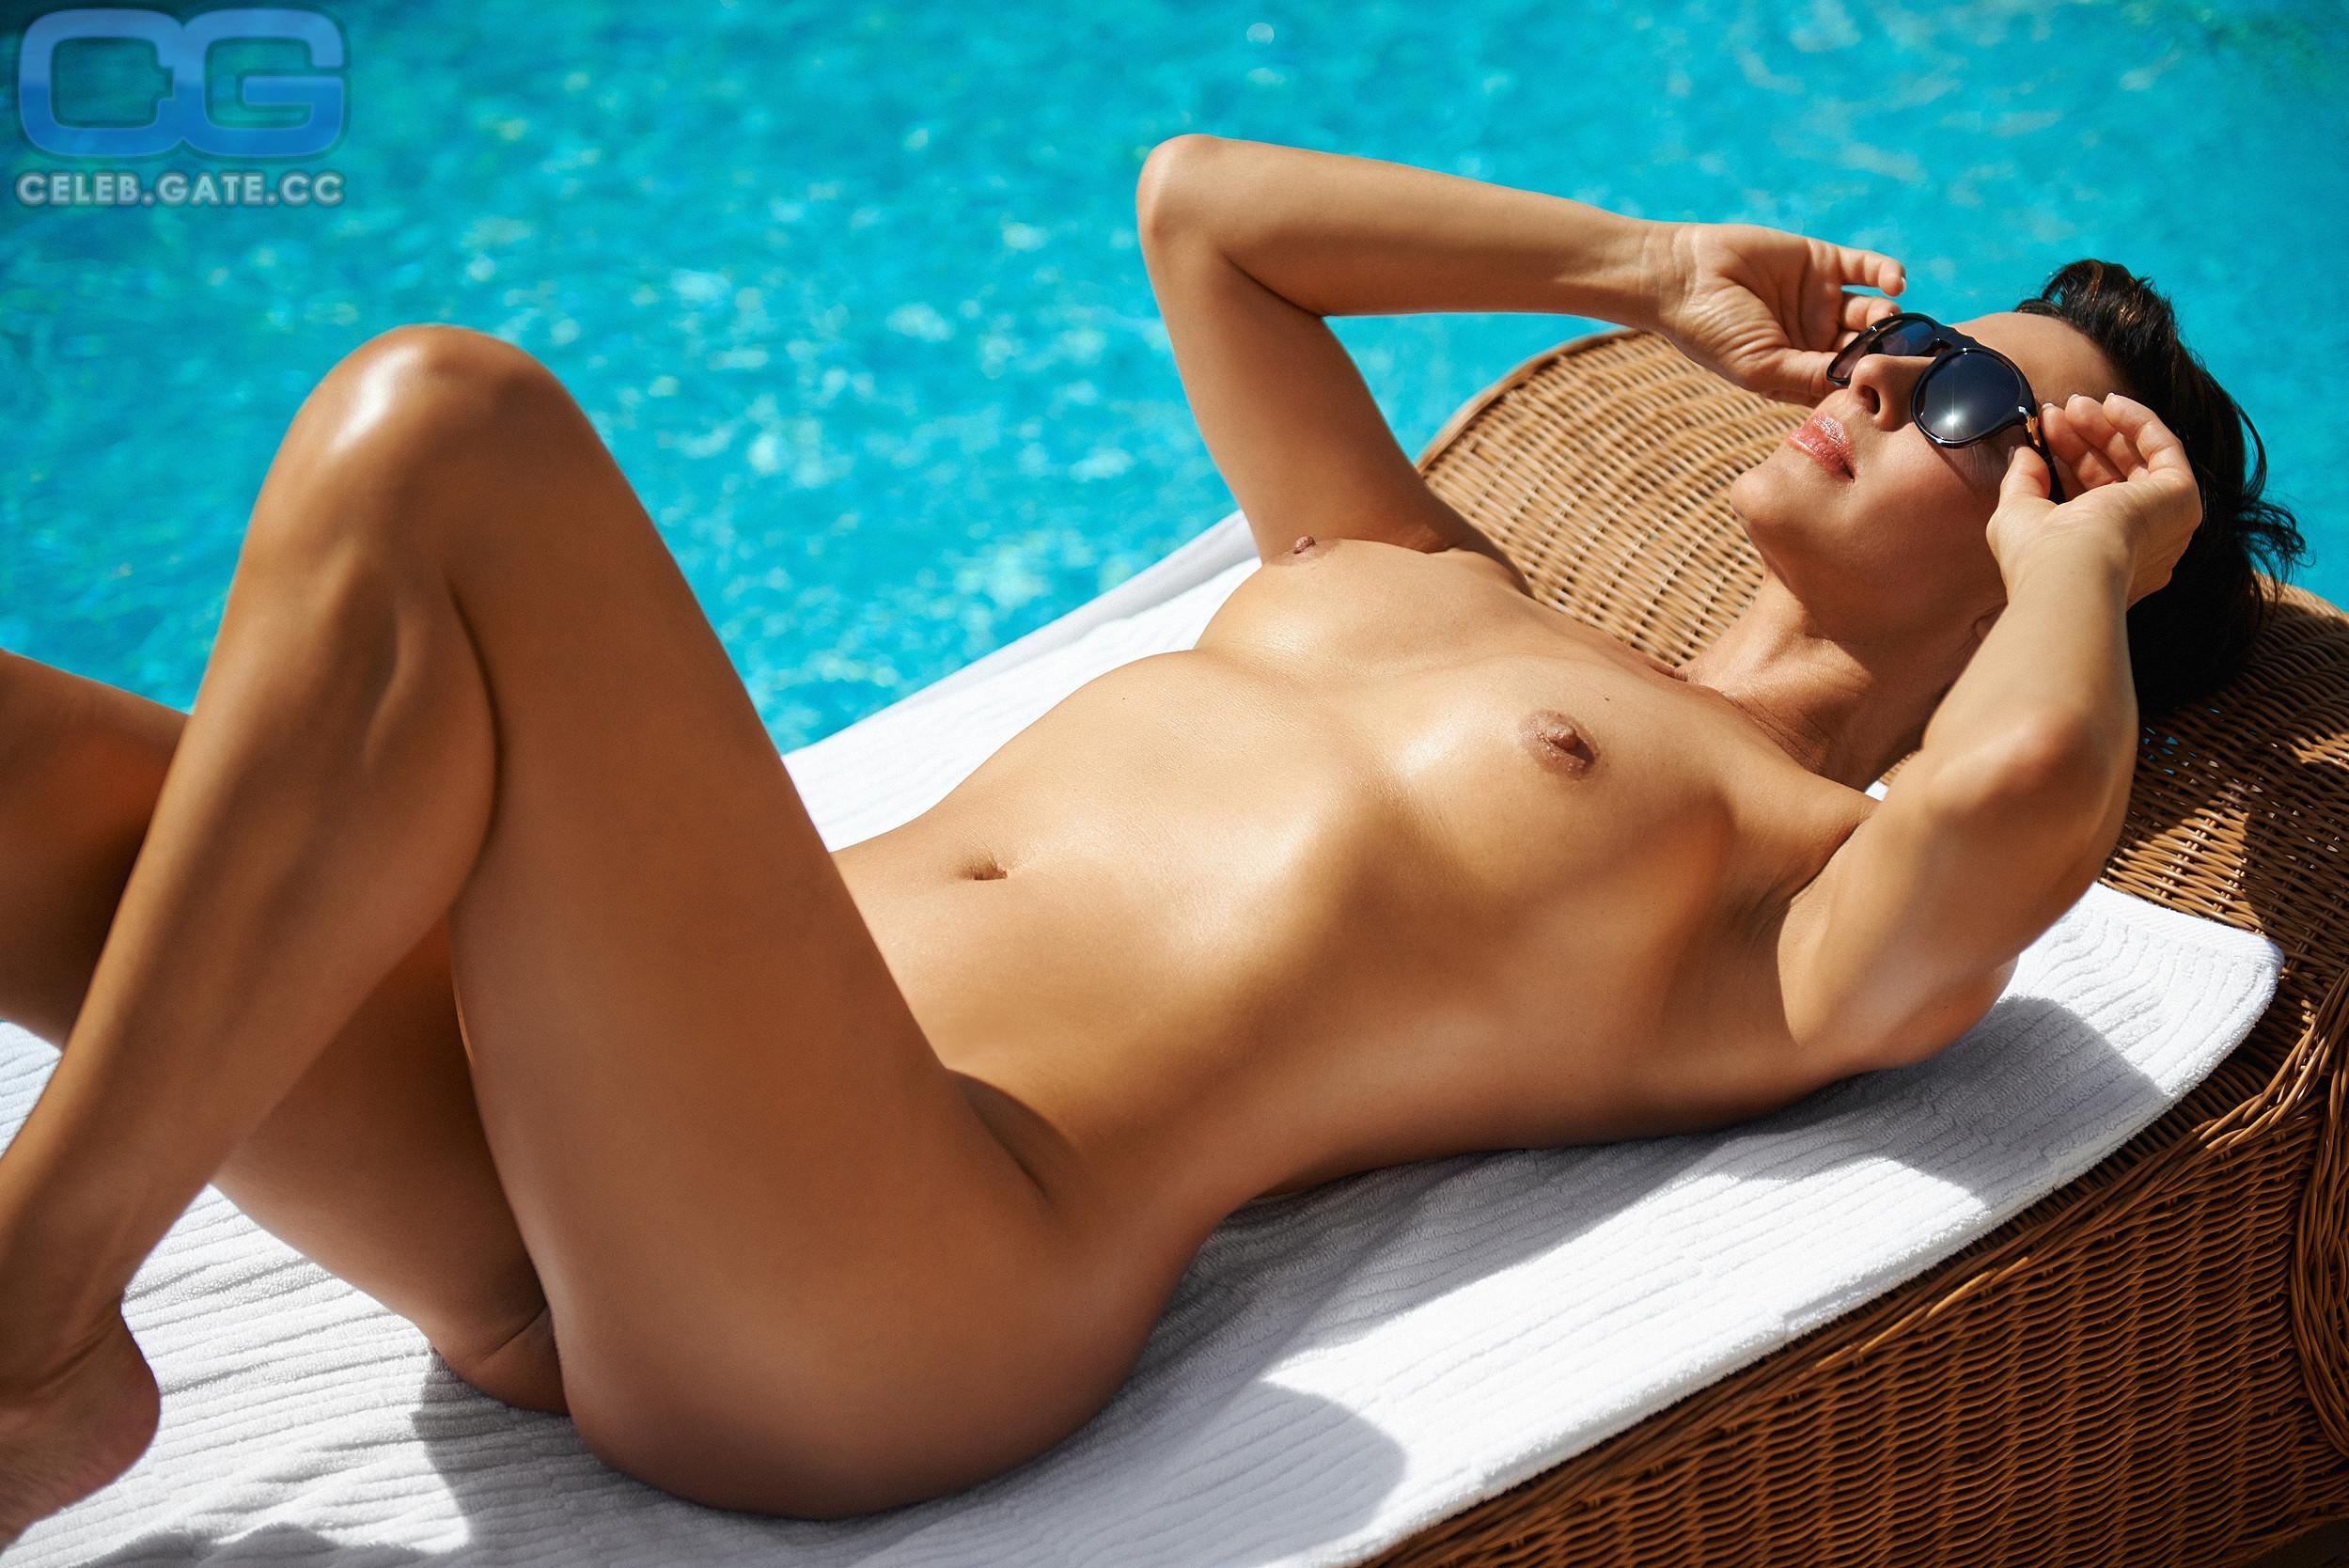 Valentina grishko nude